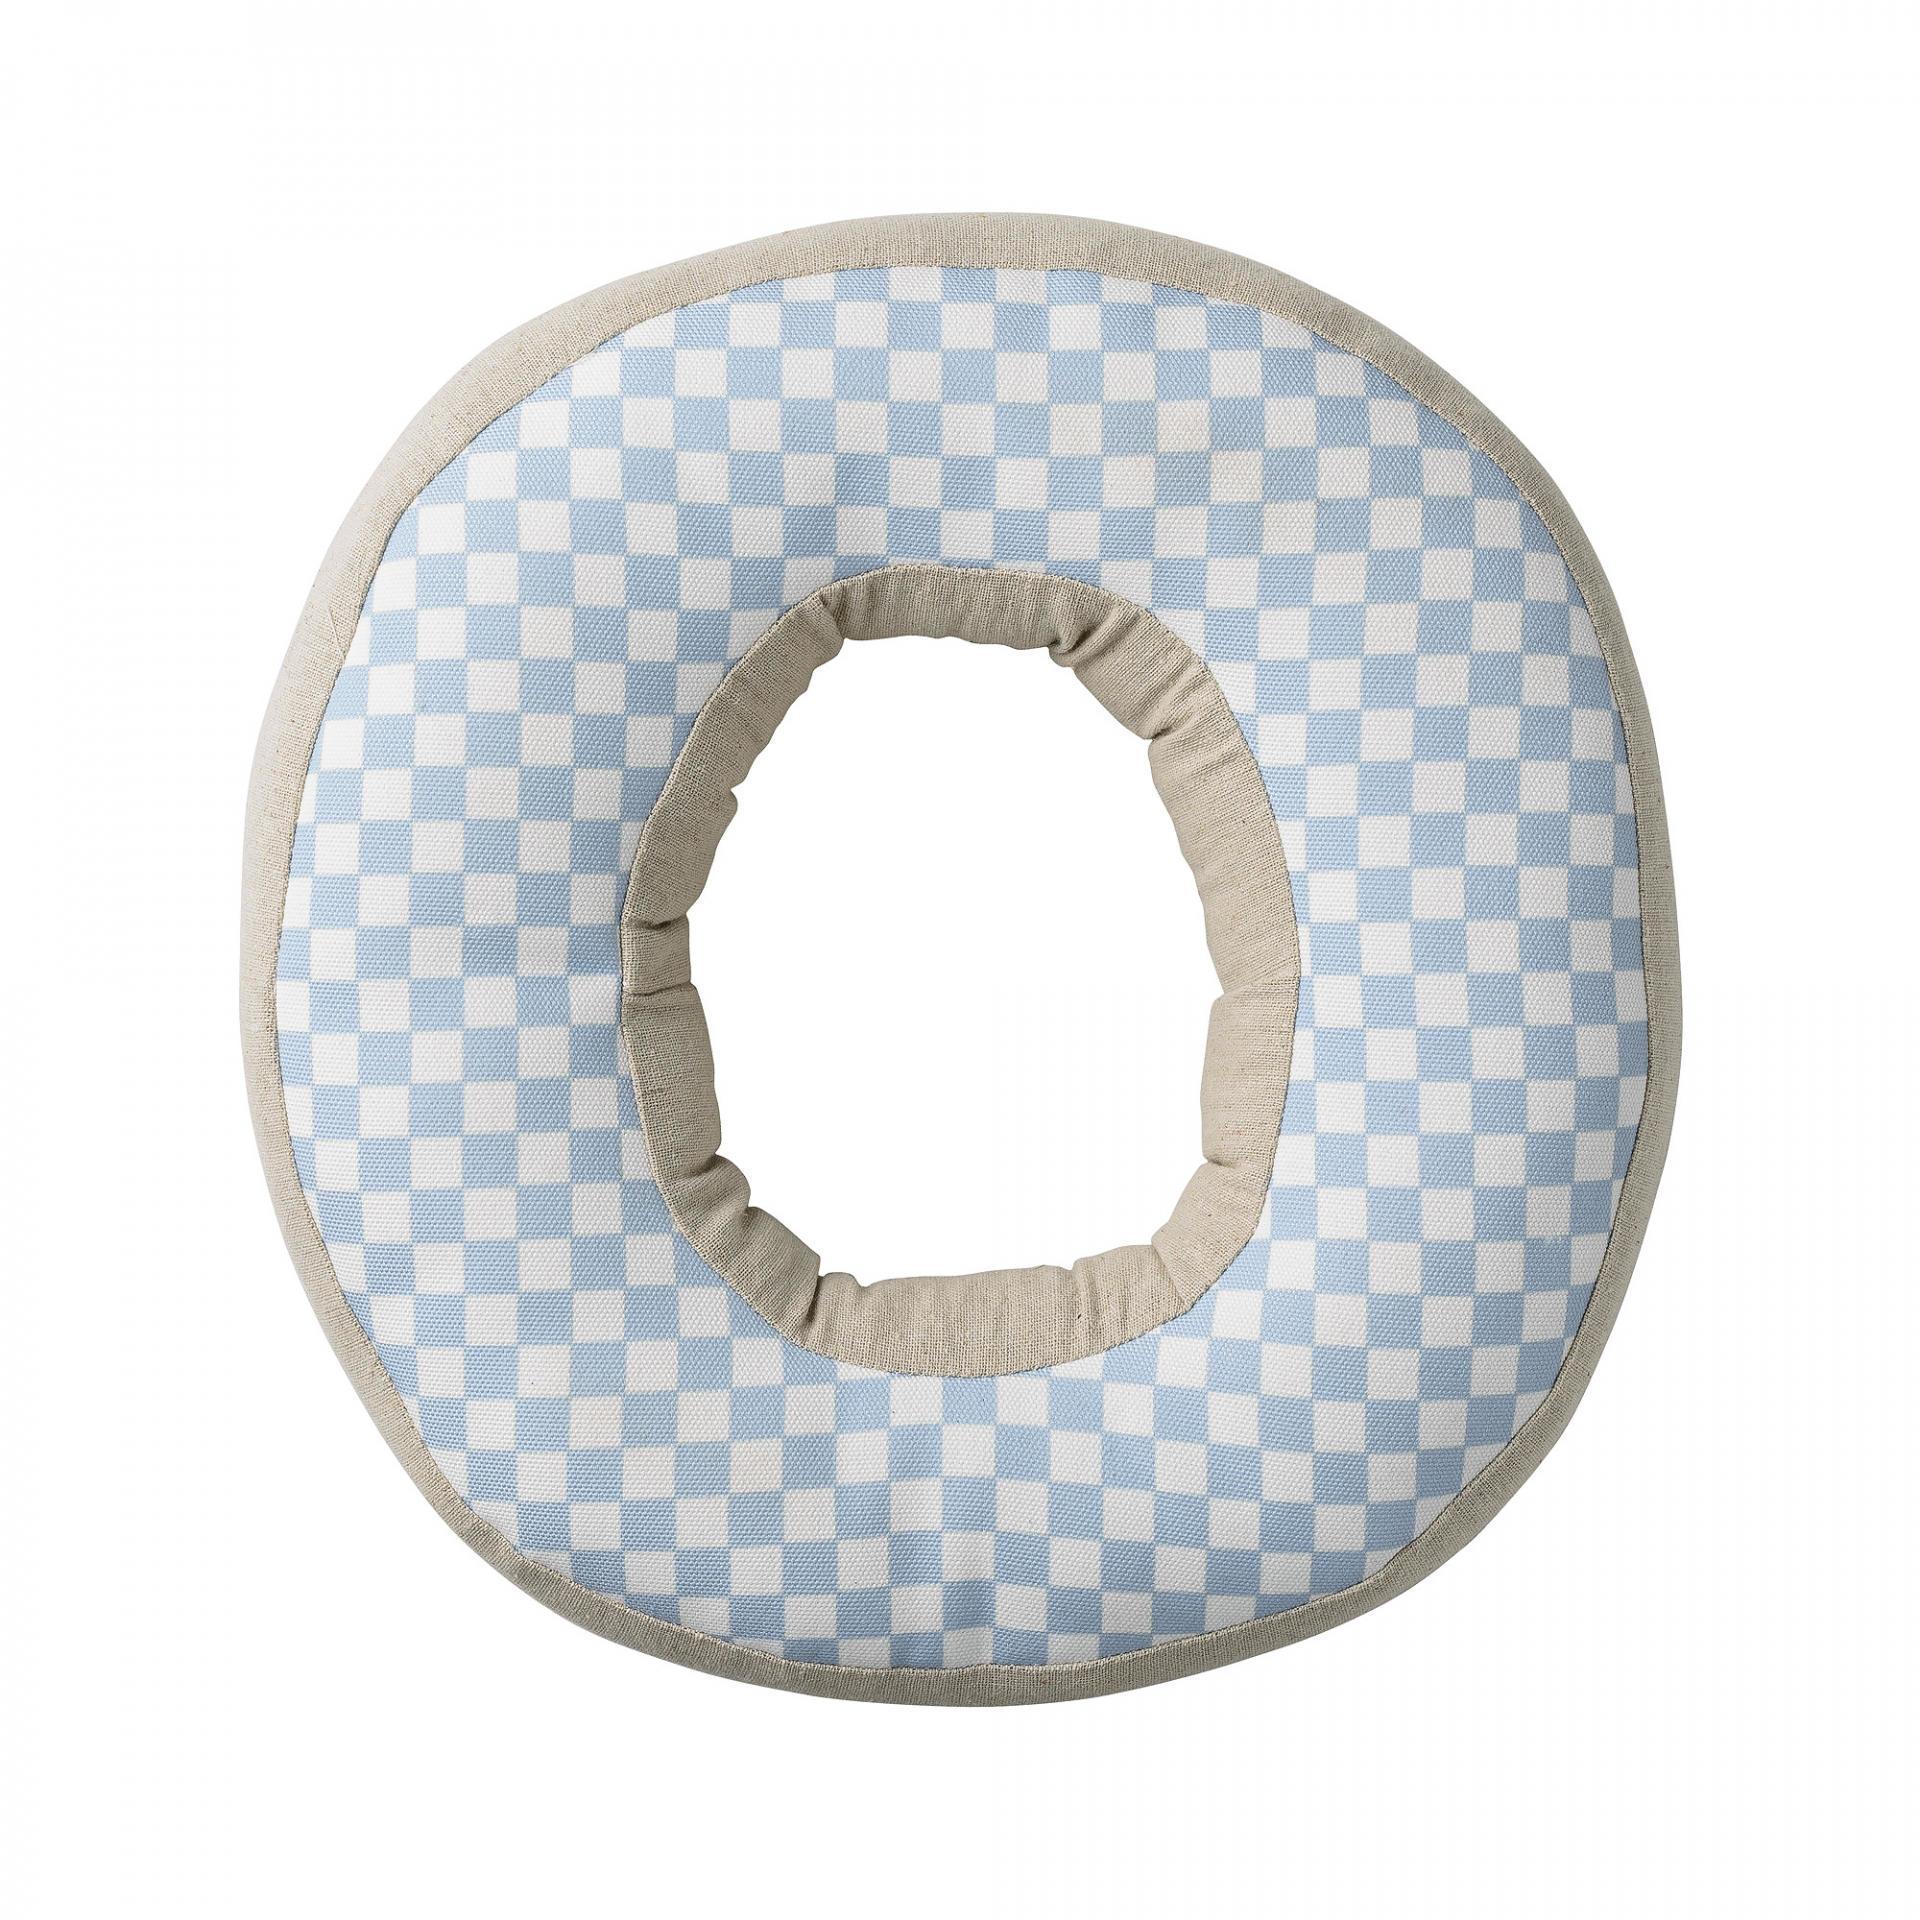 Bloomingville Dětský polštářek Checked ve tvaru písmene O, modrá barva, béžová barva, bílá barva, textil